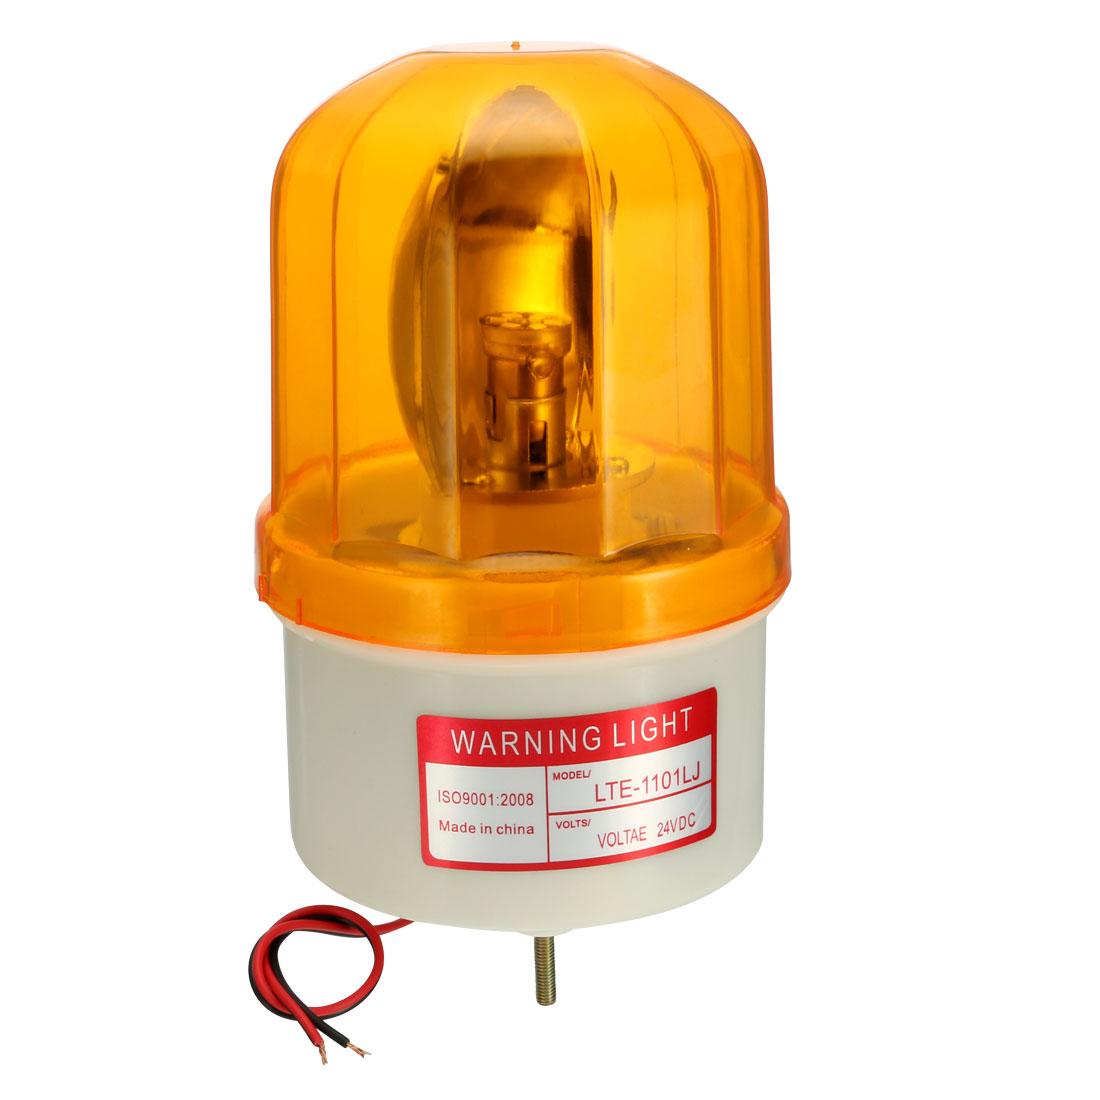 LED Warning Light Bulb Rotating Flashing Alarm Lamp Buzzer 90dB DC 24V Yellow